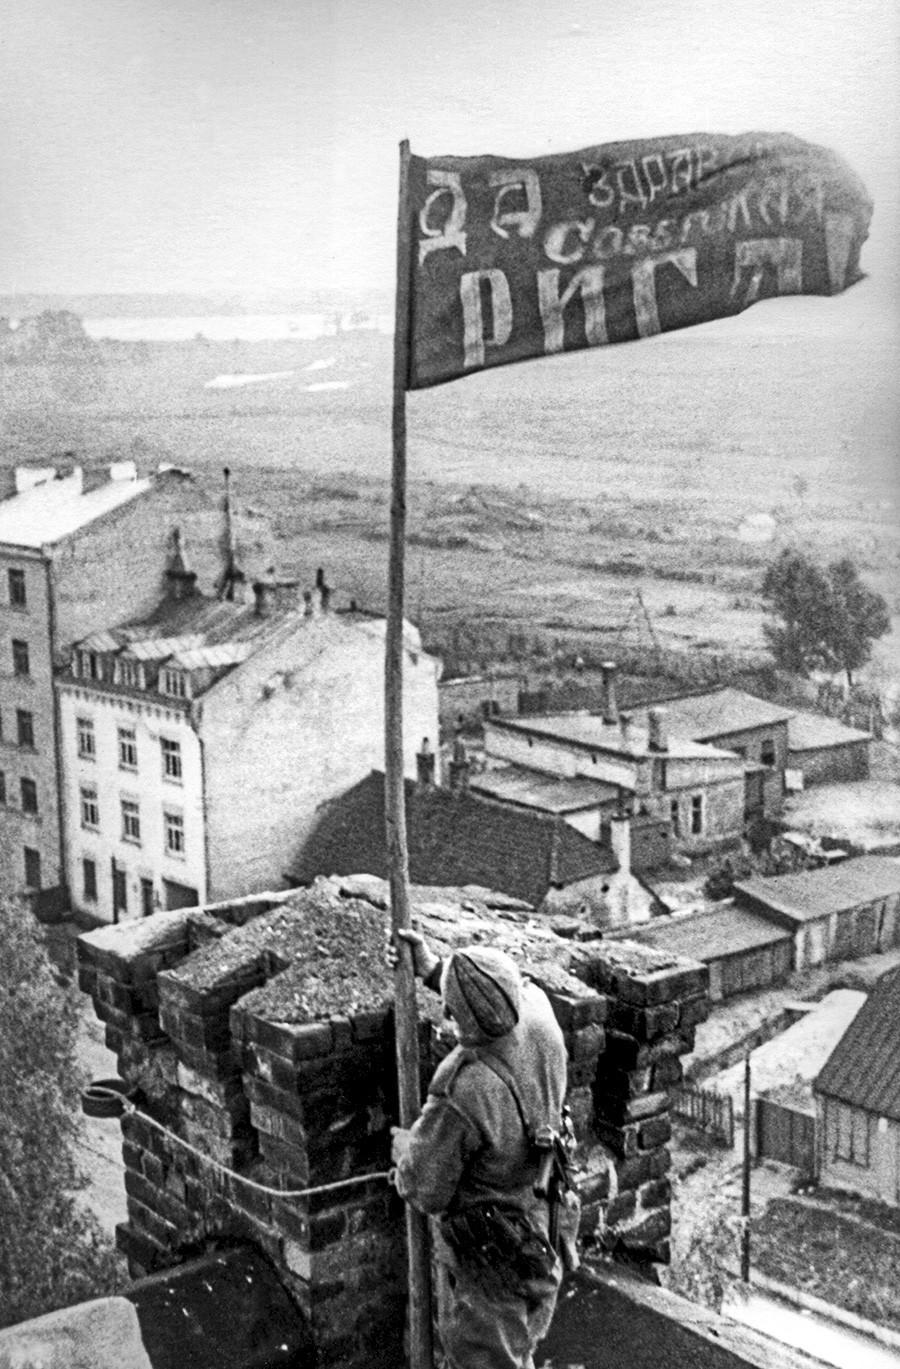 Riga, Latvijska SSR, SSSR. Vojnik ističe crvenu zastavu nad gradom nakon njegovog oslobađanja od njemačko-fašističkih osvajača tijekom Drugog svjetskog rata.